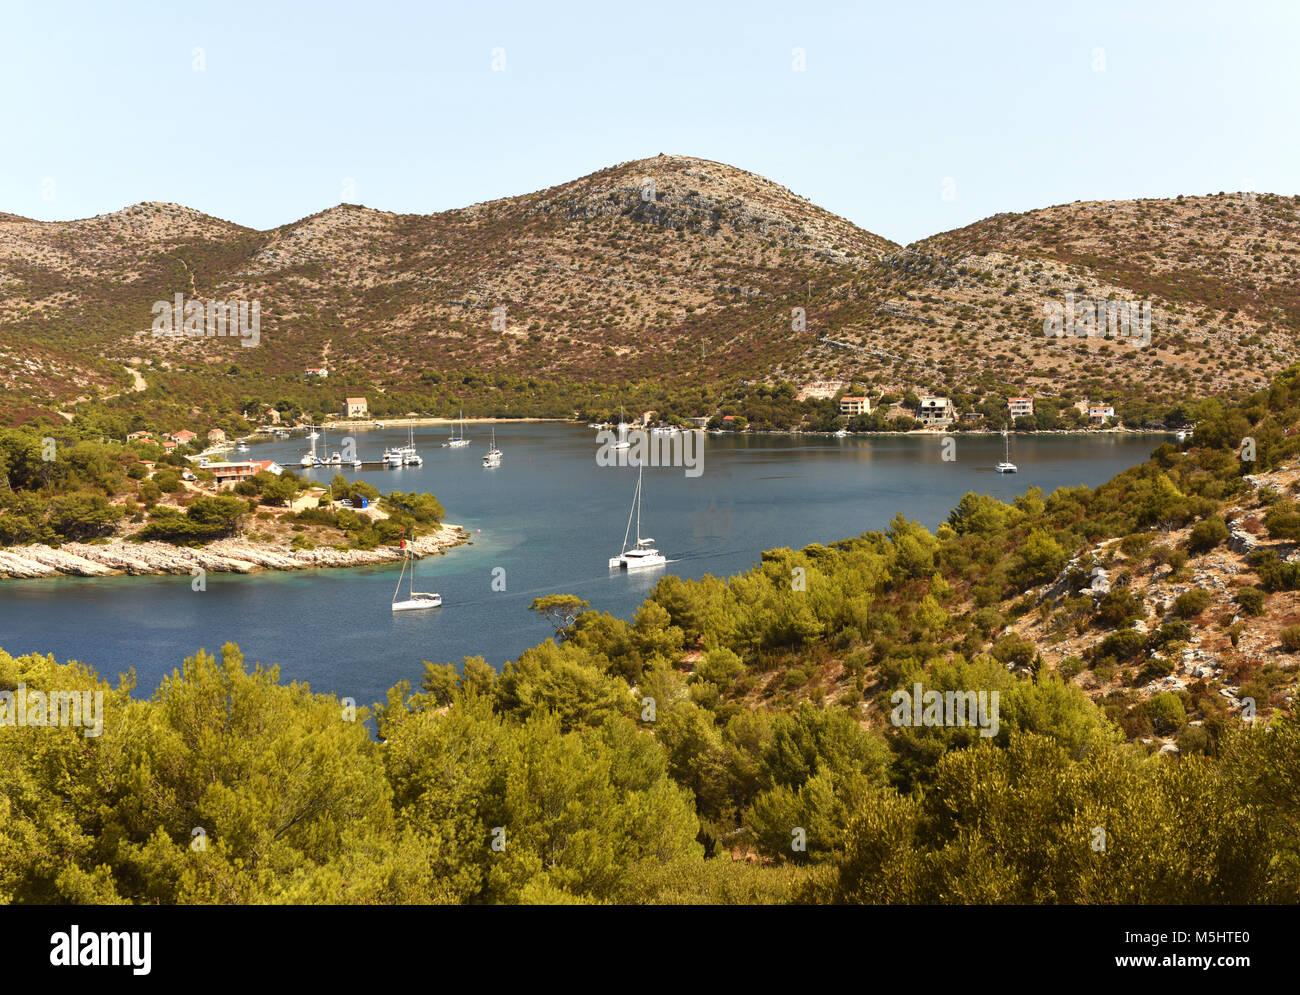 Belle Baie de la Méditerranée. Skrivena luka, île de Lastovo, Croatie Photo Stock